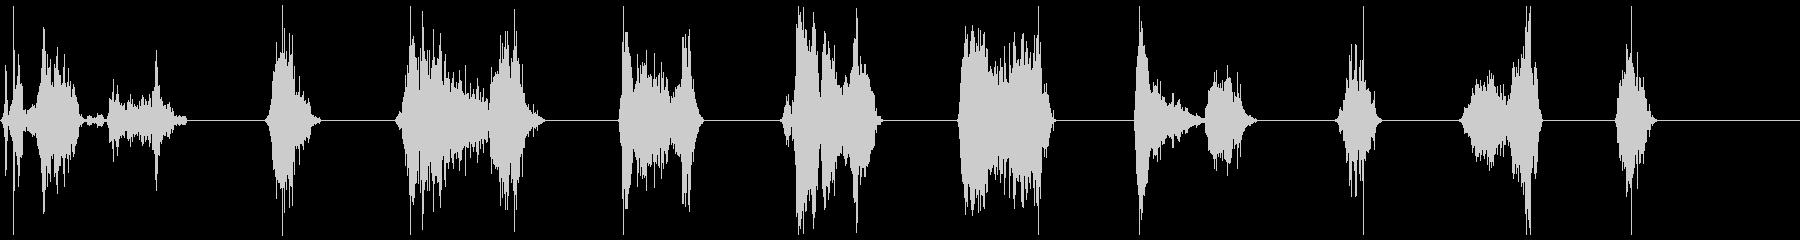 モンスター攻撃21-30の未再生の波形